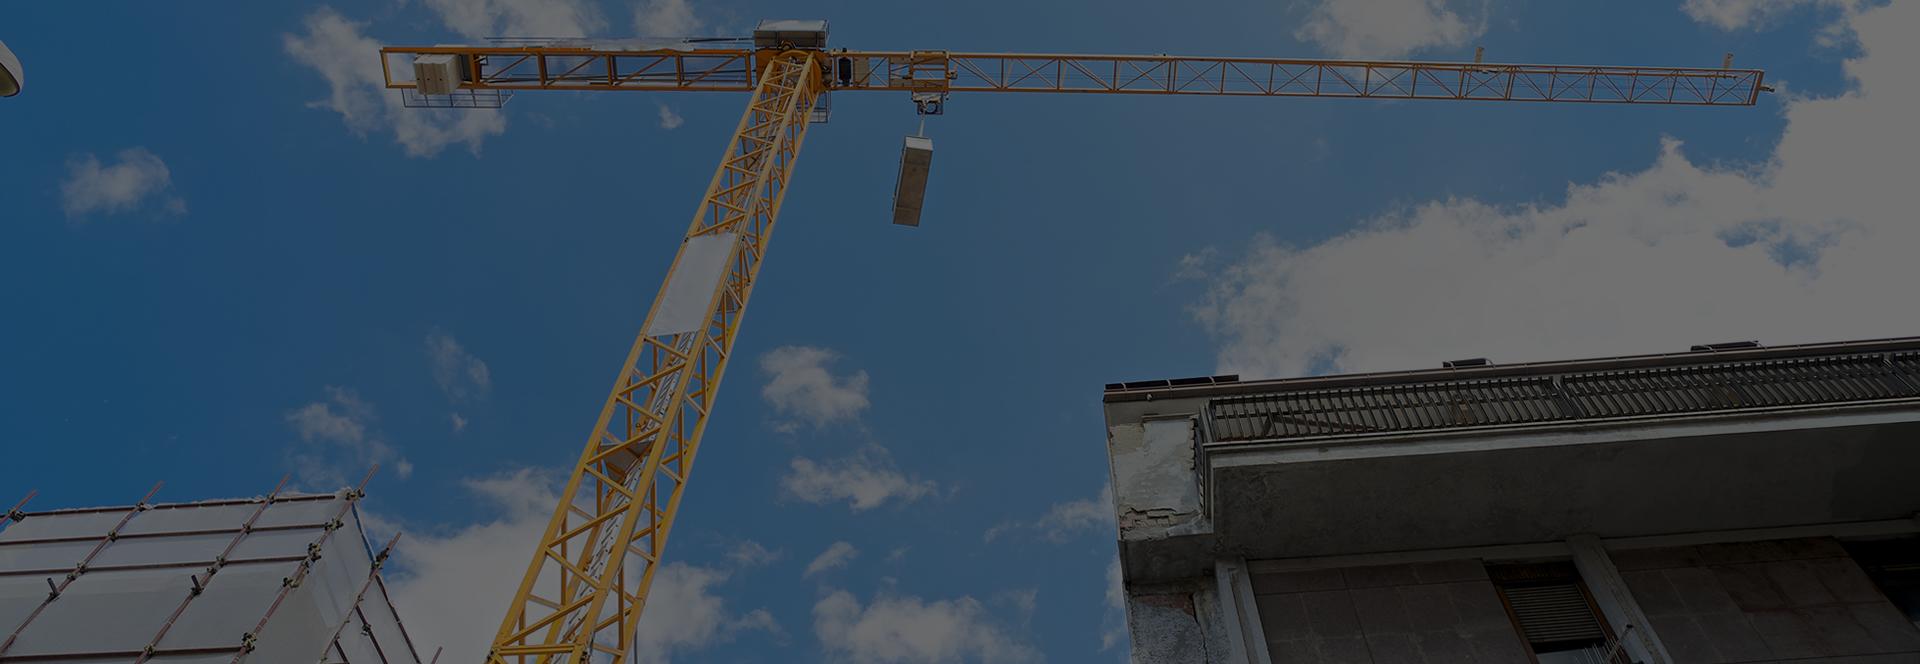 Posiadamy doświadczenie w branży usług budowlanych